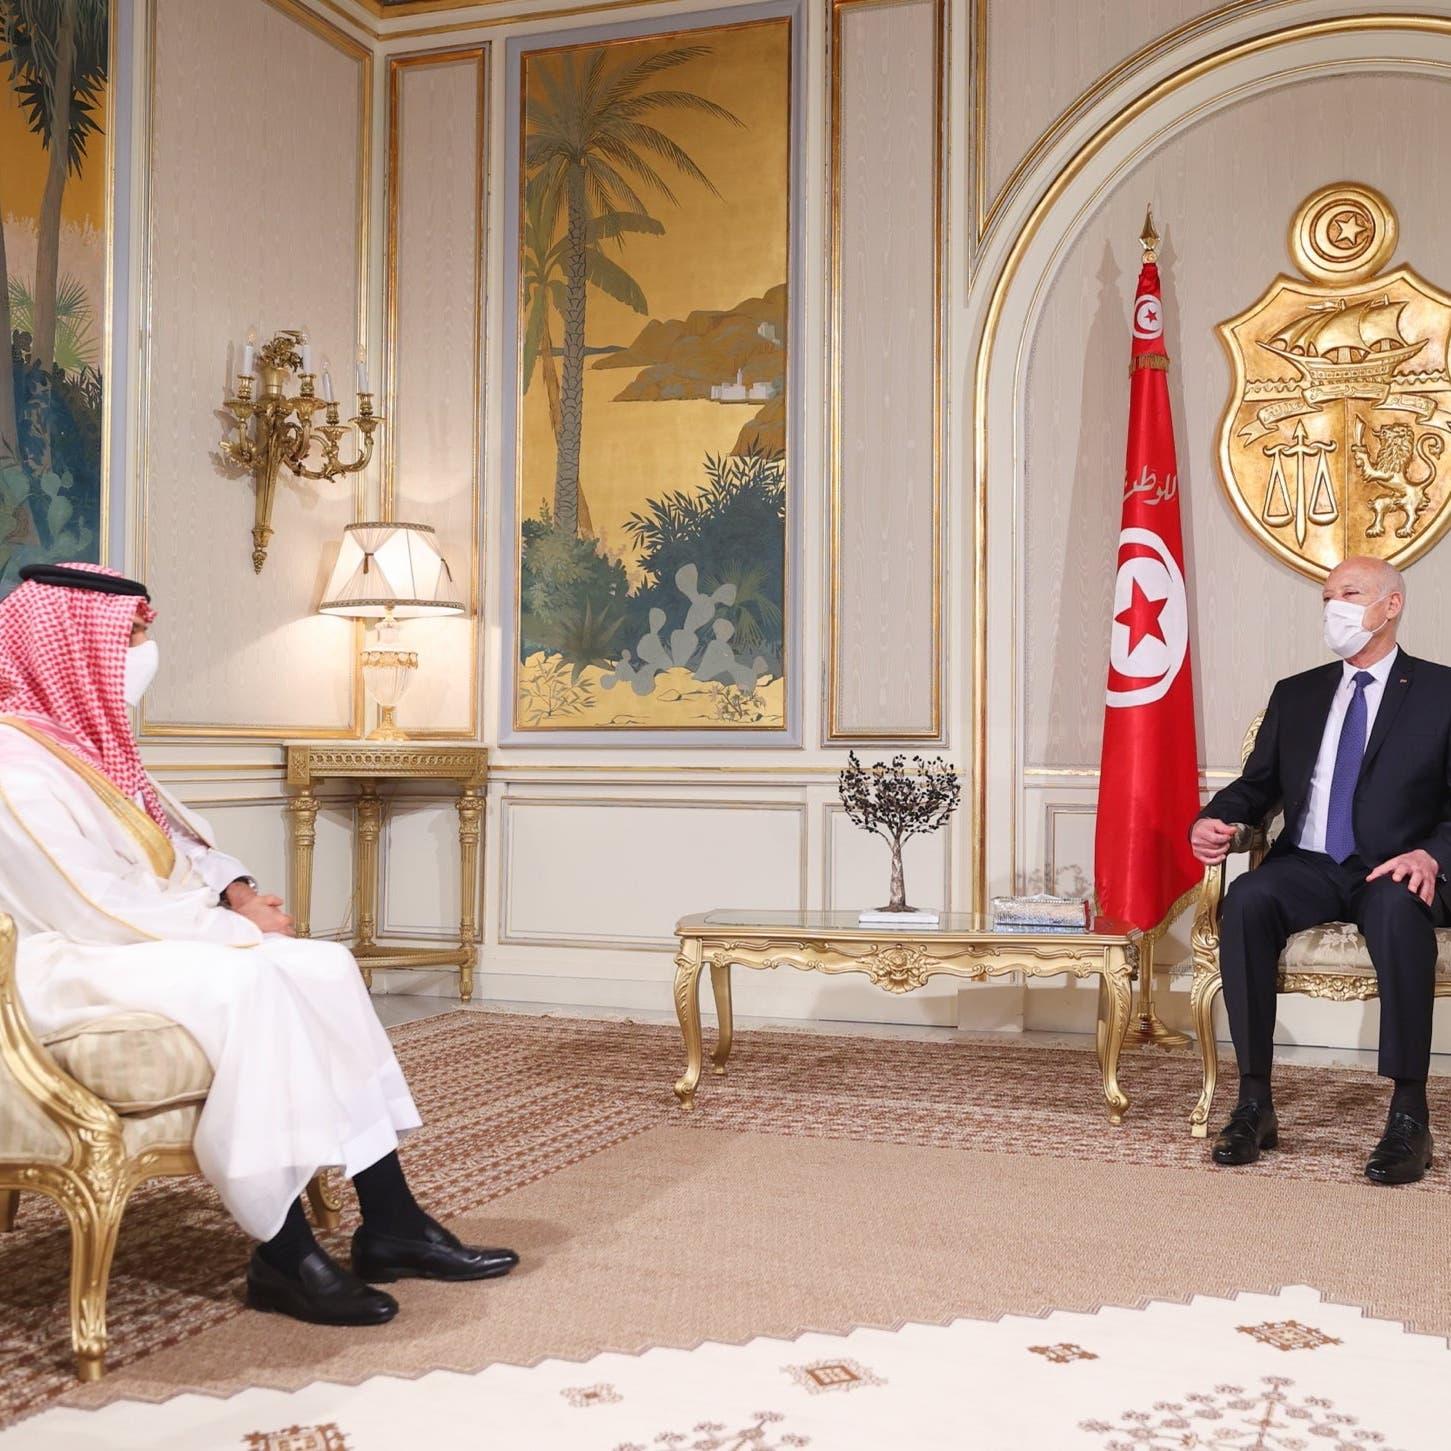 فيصل بن فرحان يؤكد لسعيّد حرص السعودية على استقرار تونس